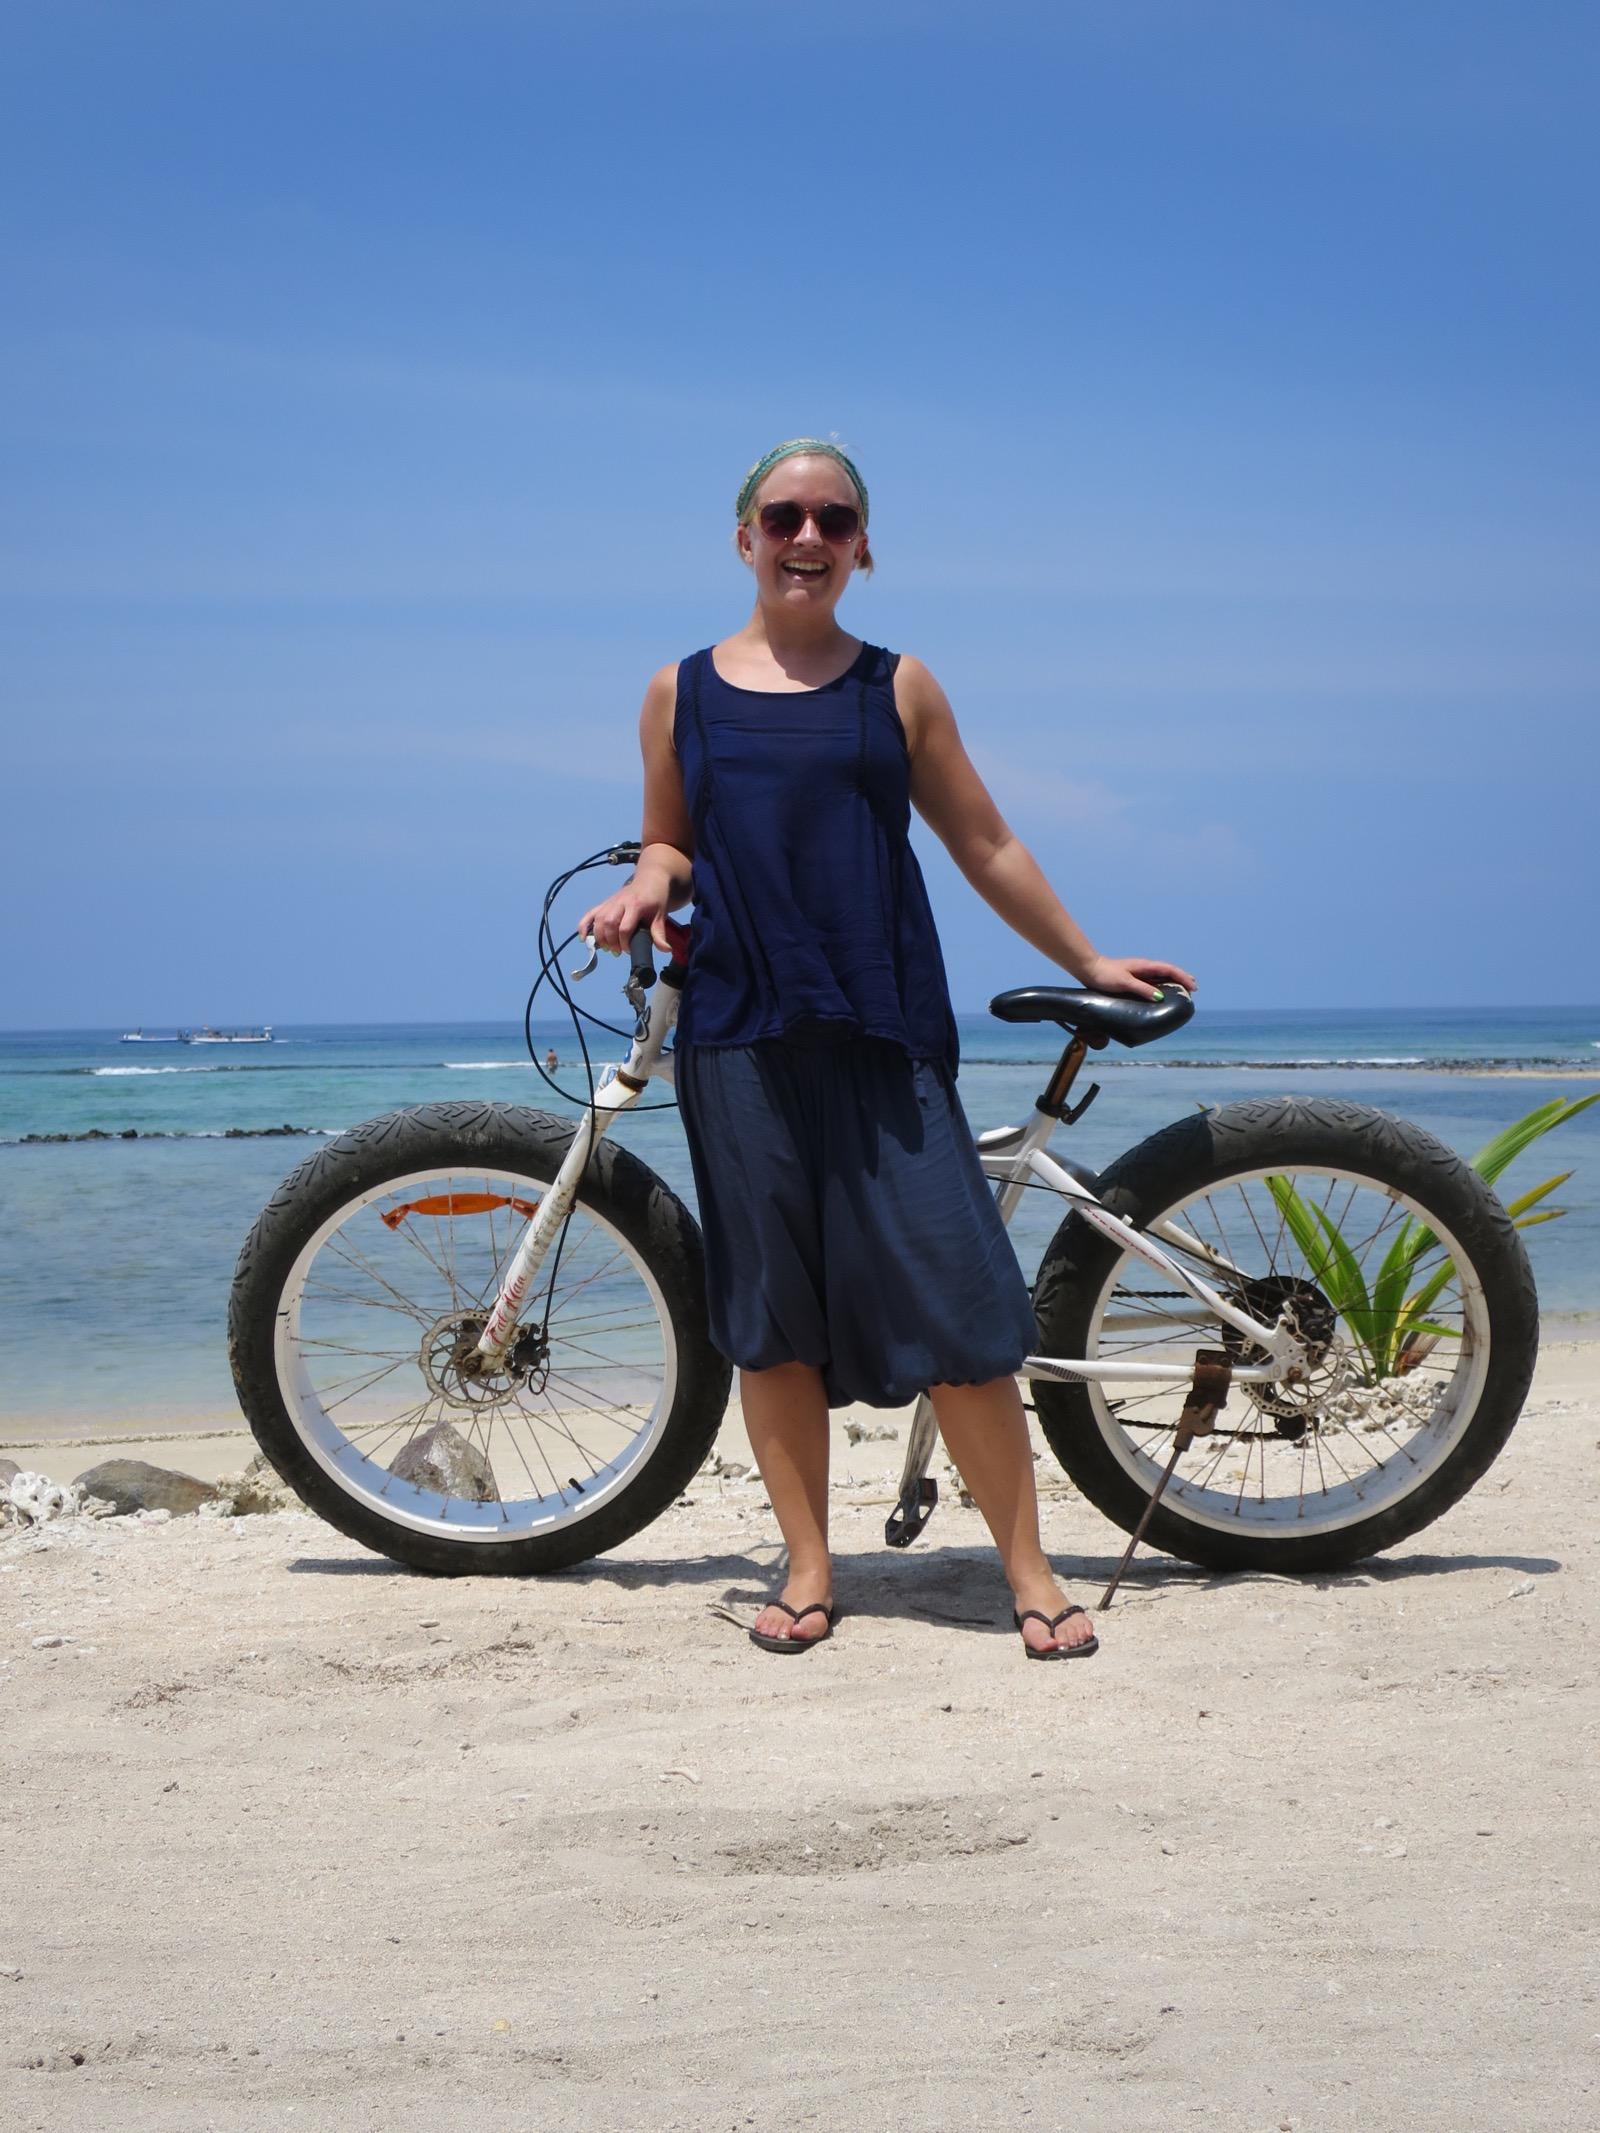 Saaren ympäri ei kannata lähteä ilman tällaista isorenkaista pyörää. On nimittäin jonkin verran uopottavaa hiekkaa, jossa ei tavallisella pyörällä pärjää.